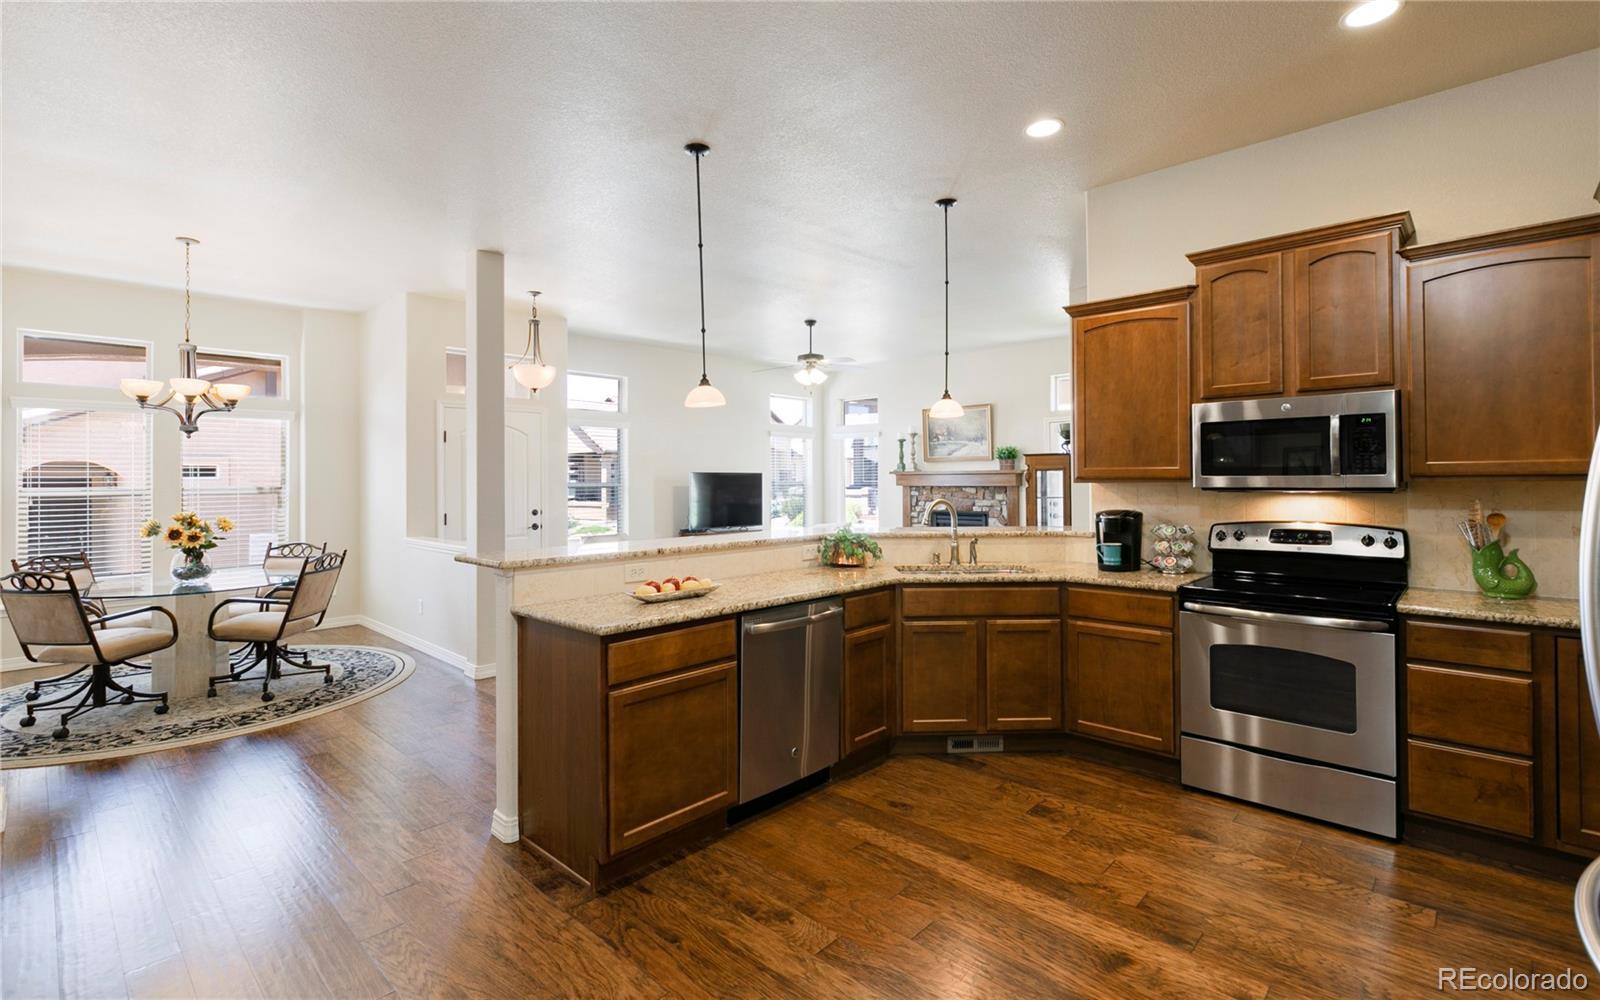 MLS# 9294002 - 8 - 13044 Cake Bread Heights Cake Bread Heights, Colorado Springs, CO 80921